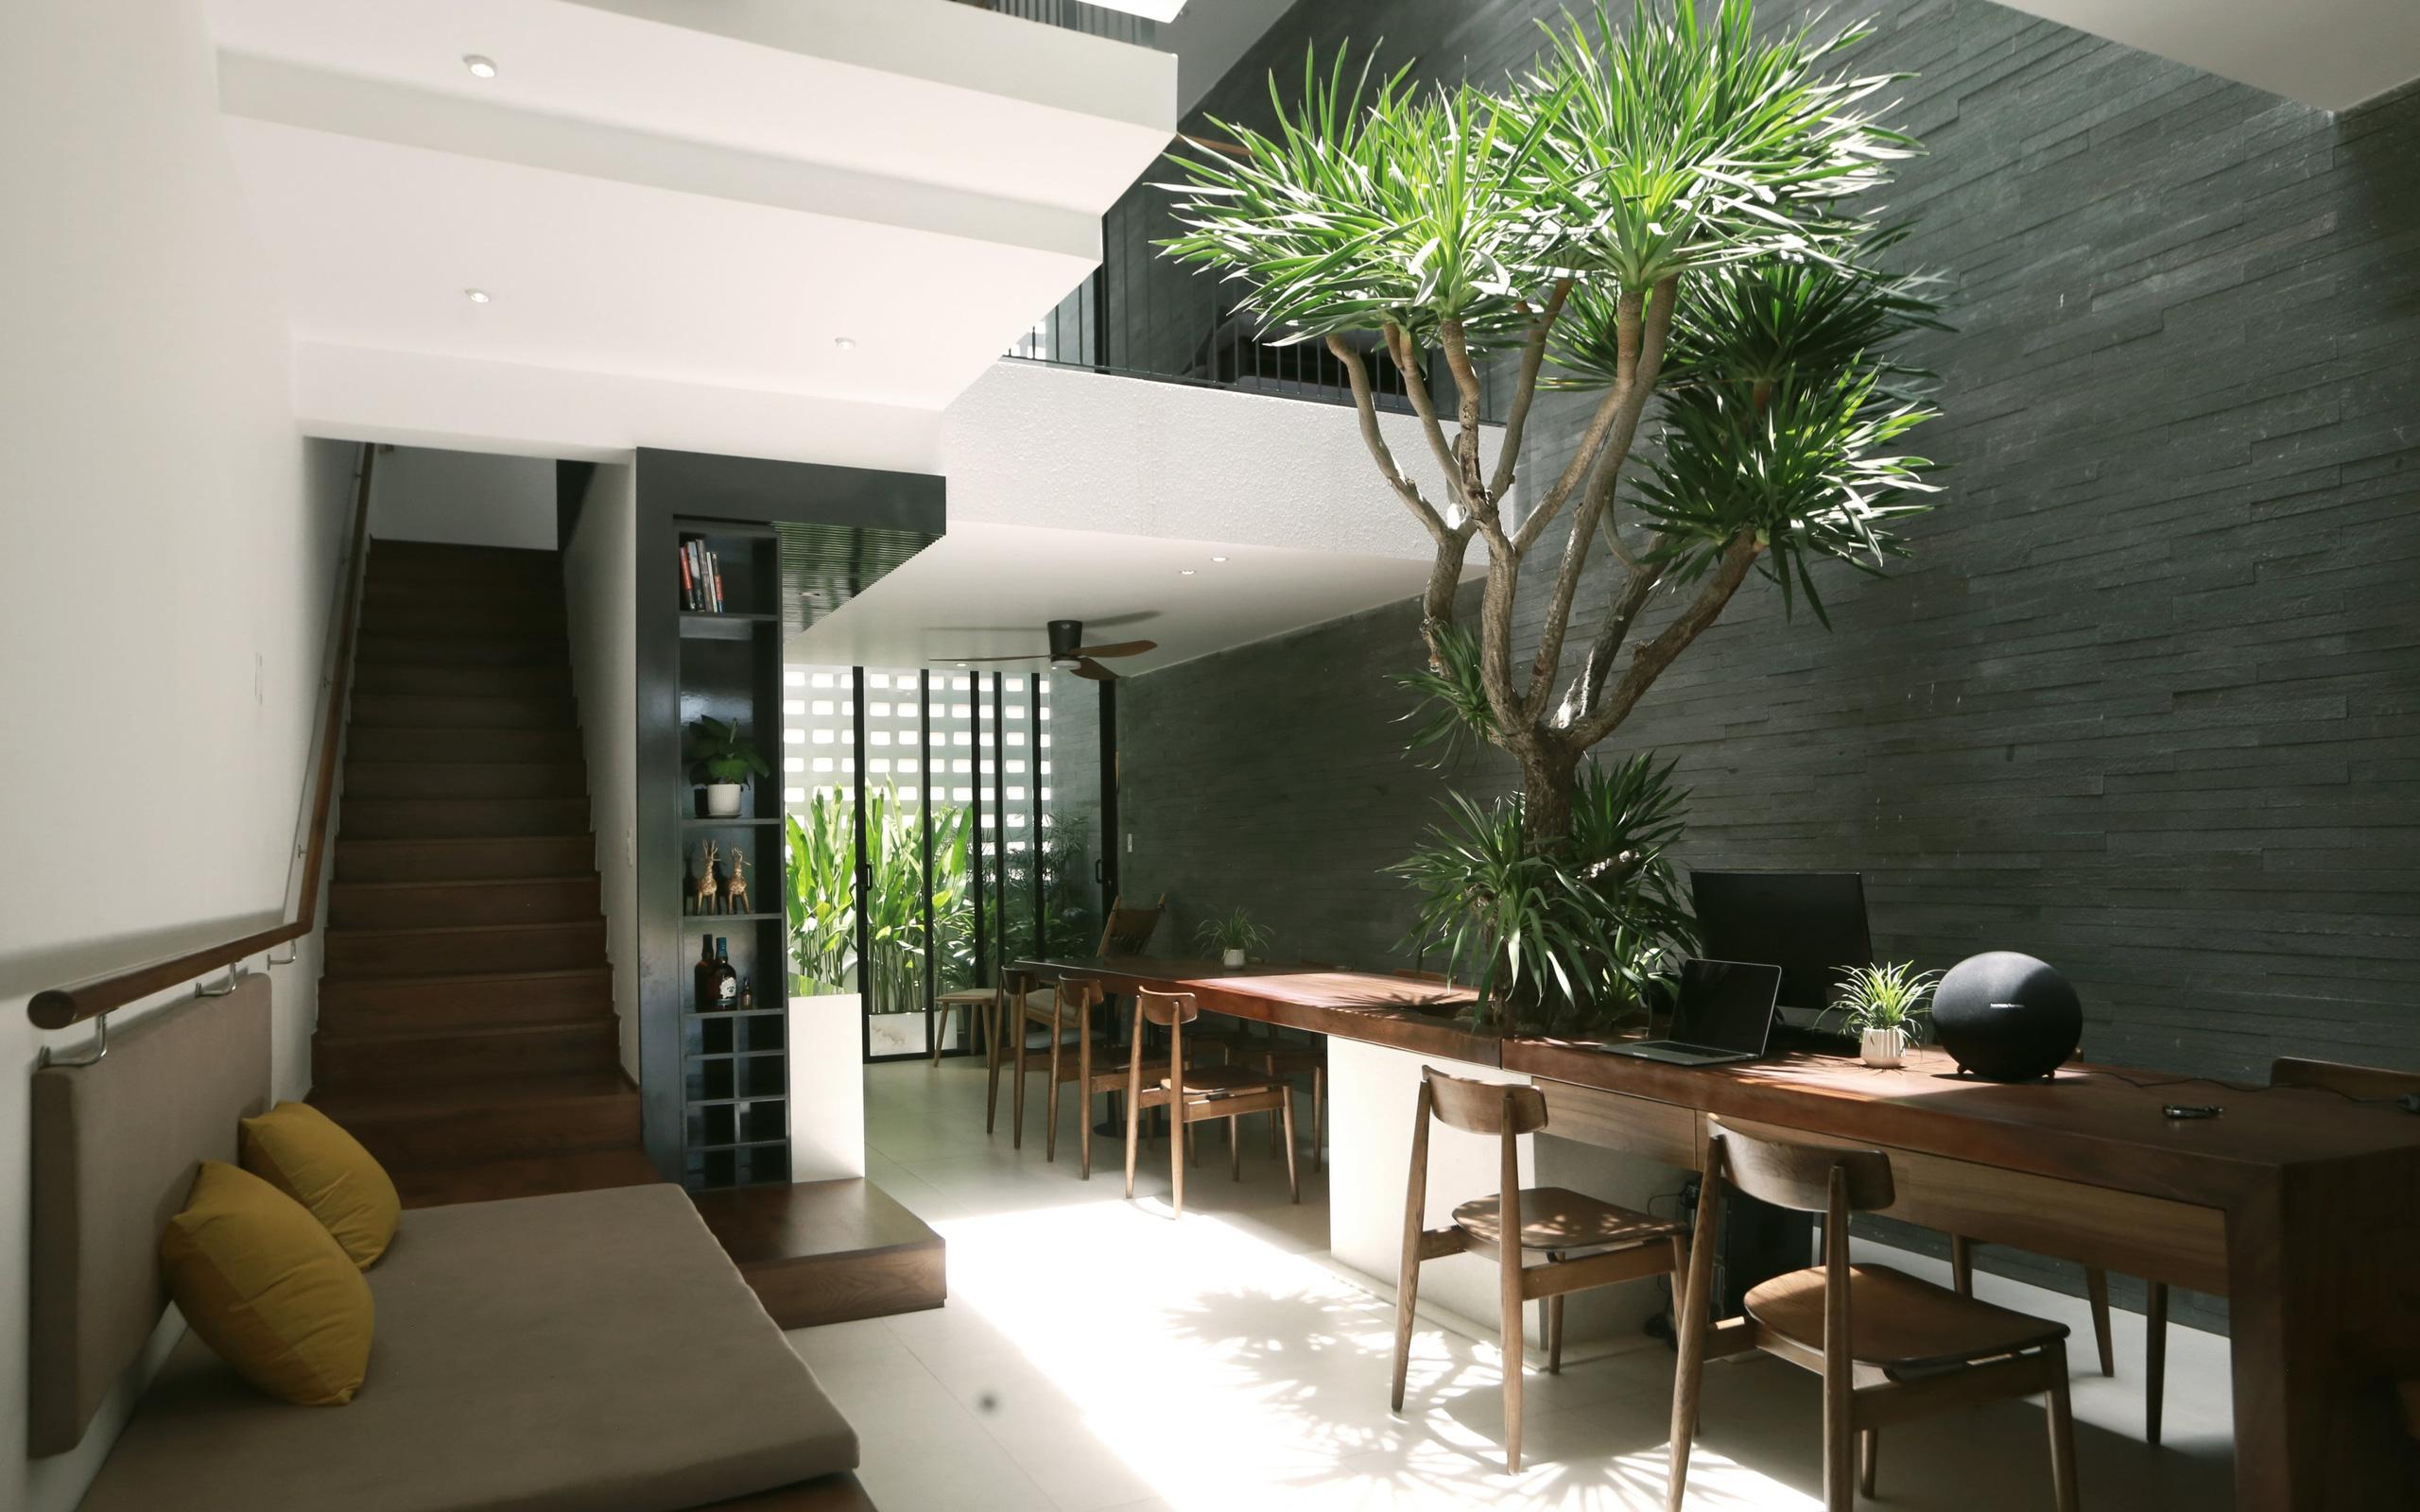 Căn nhà ngập nắng của cặp vợ chồng trẻ sau 10 năm vất vả kiếm tiền ở Đà Nẵng